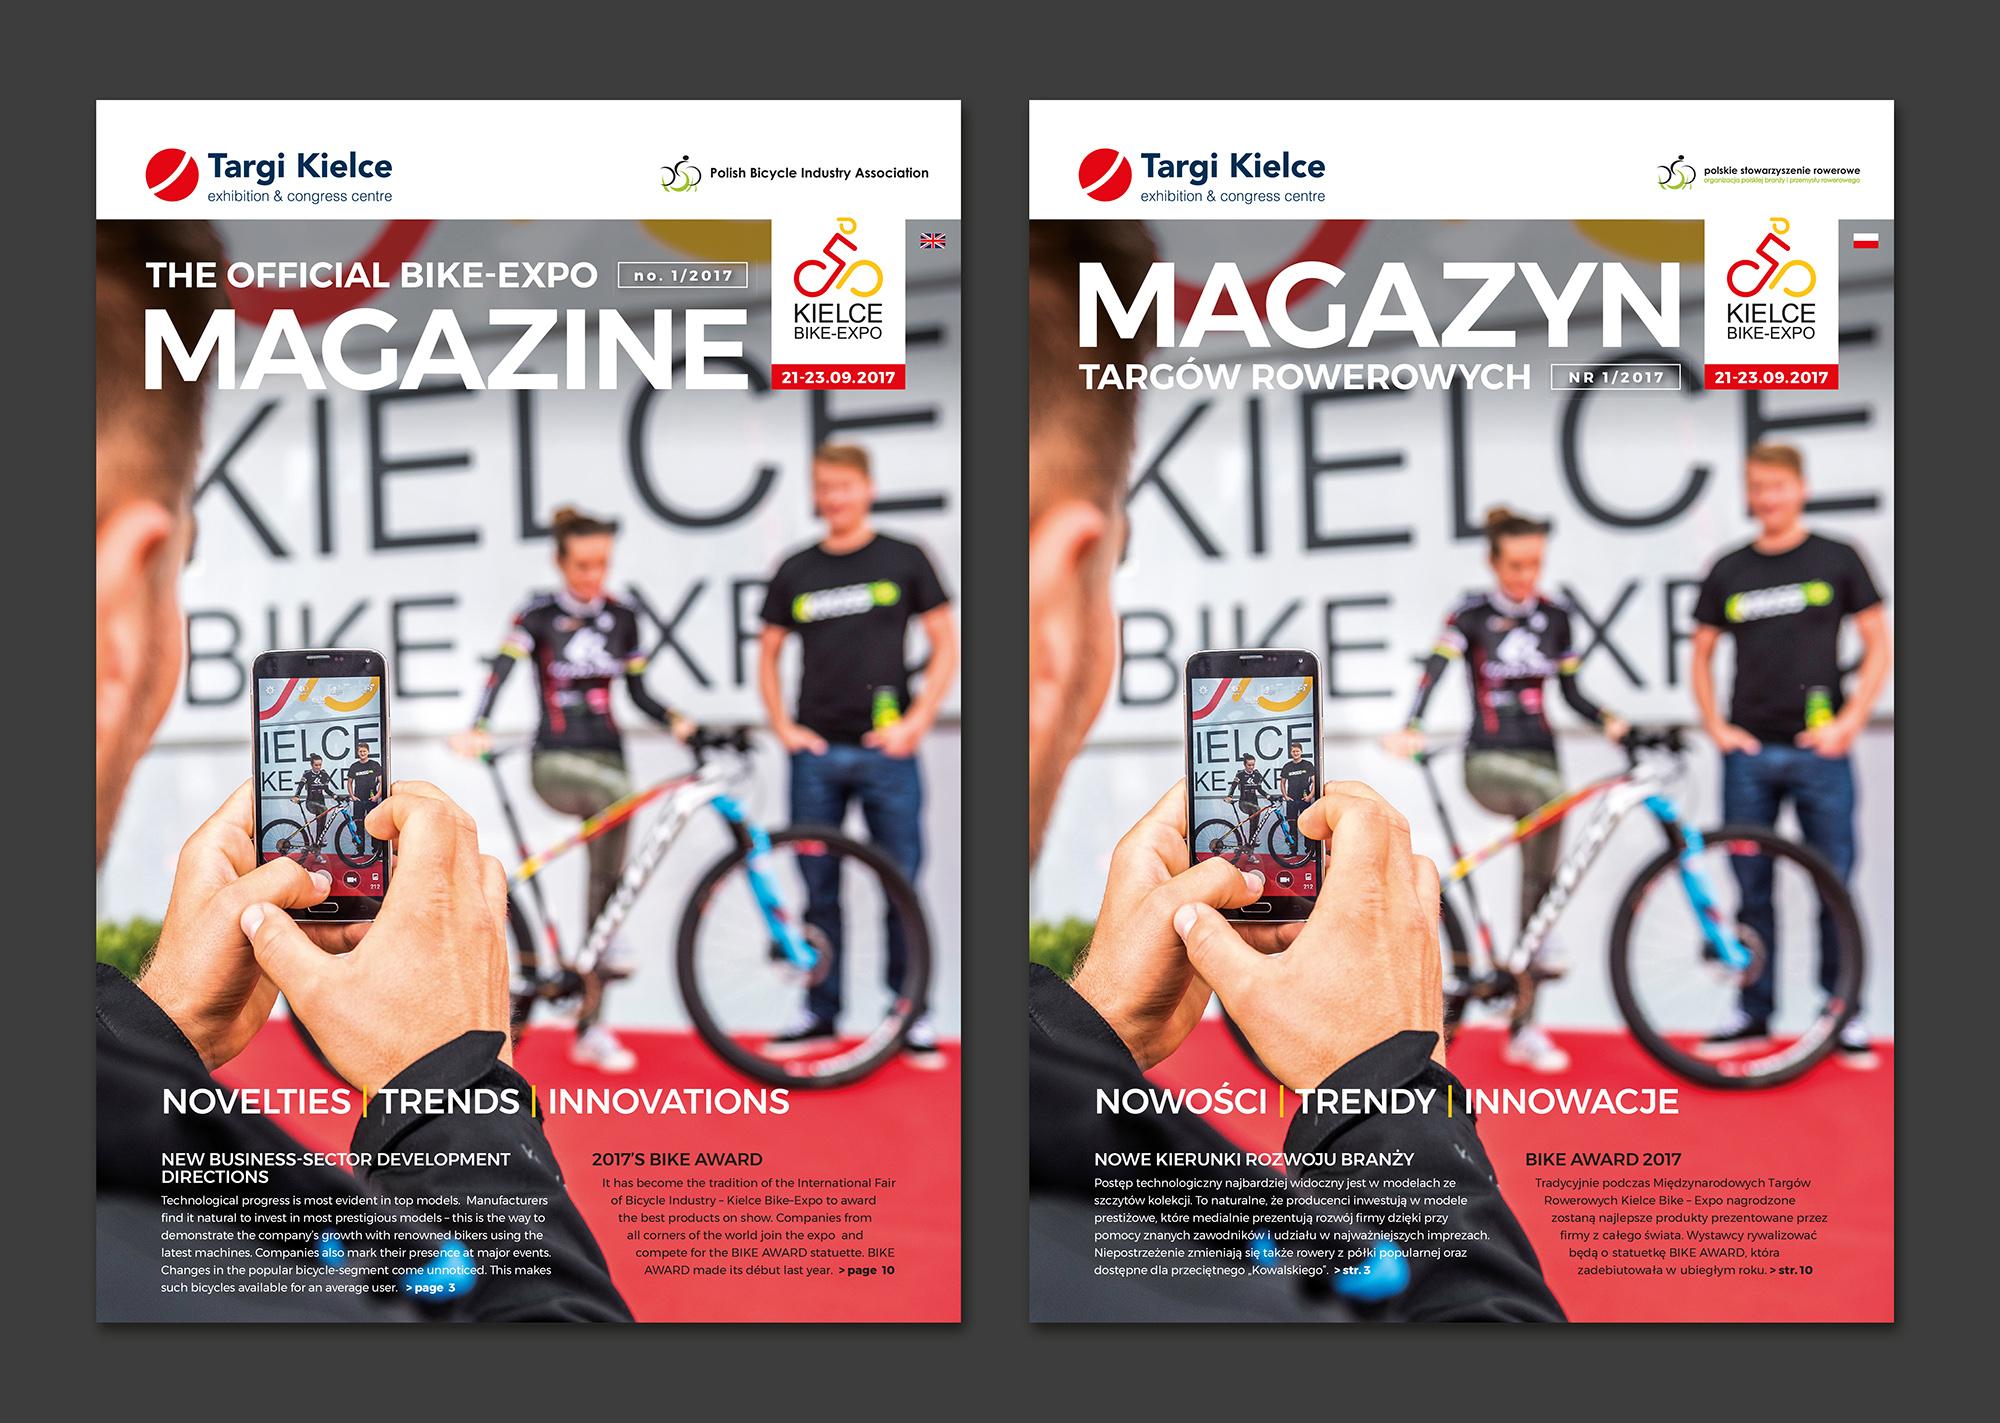 Magazyn targów Kielce Bike-Expo-1